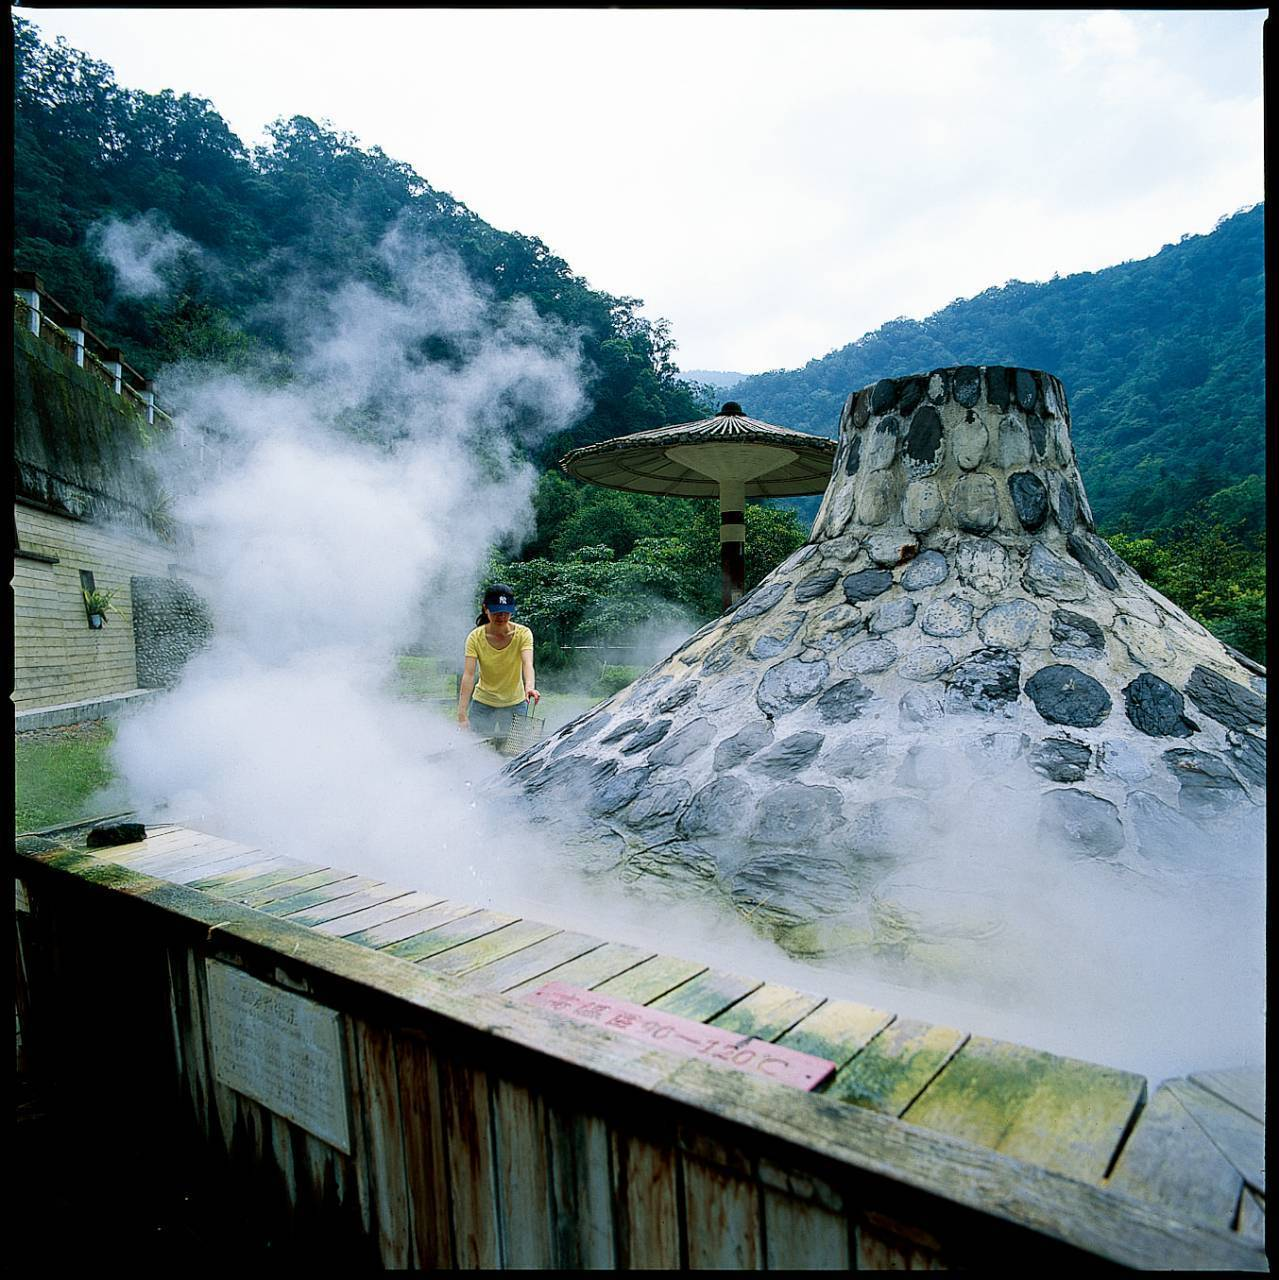 林務局羅東林區管理處今天宣布,位在海拔520公尺的太平山國家森林遊樂區鳩之澤溫泉...